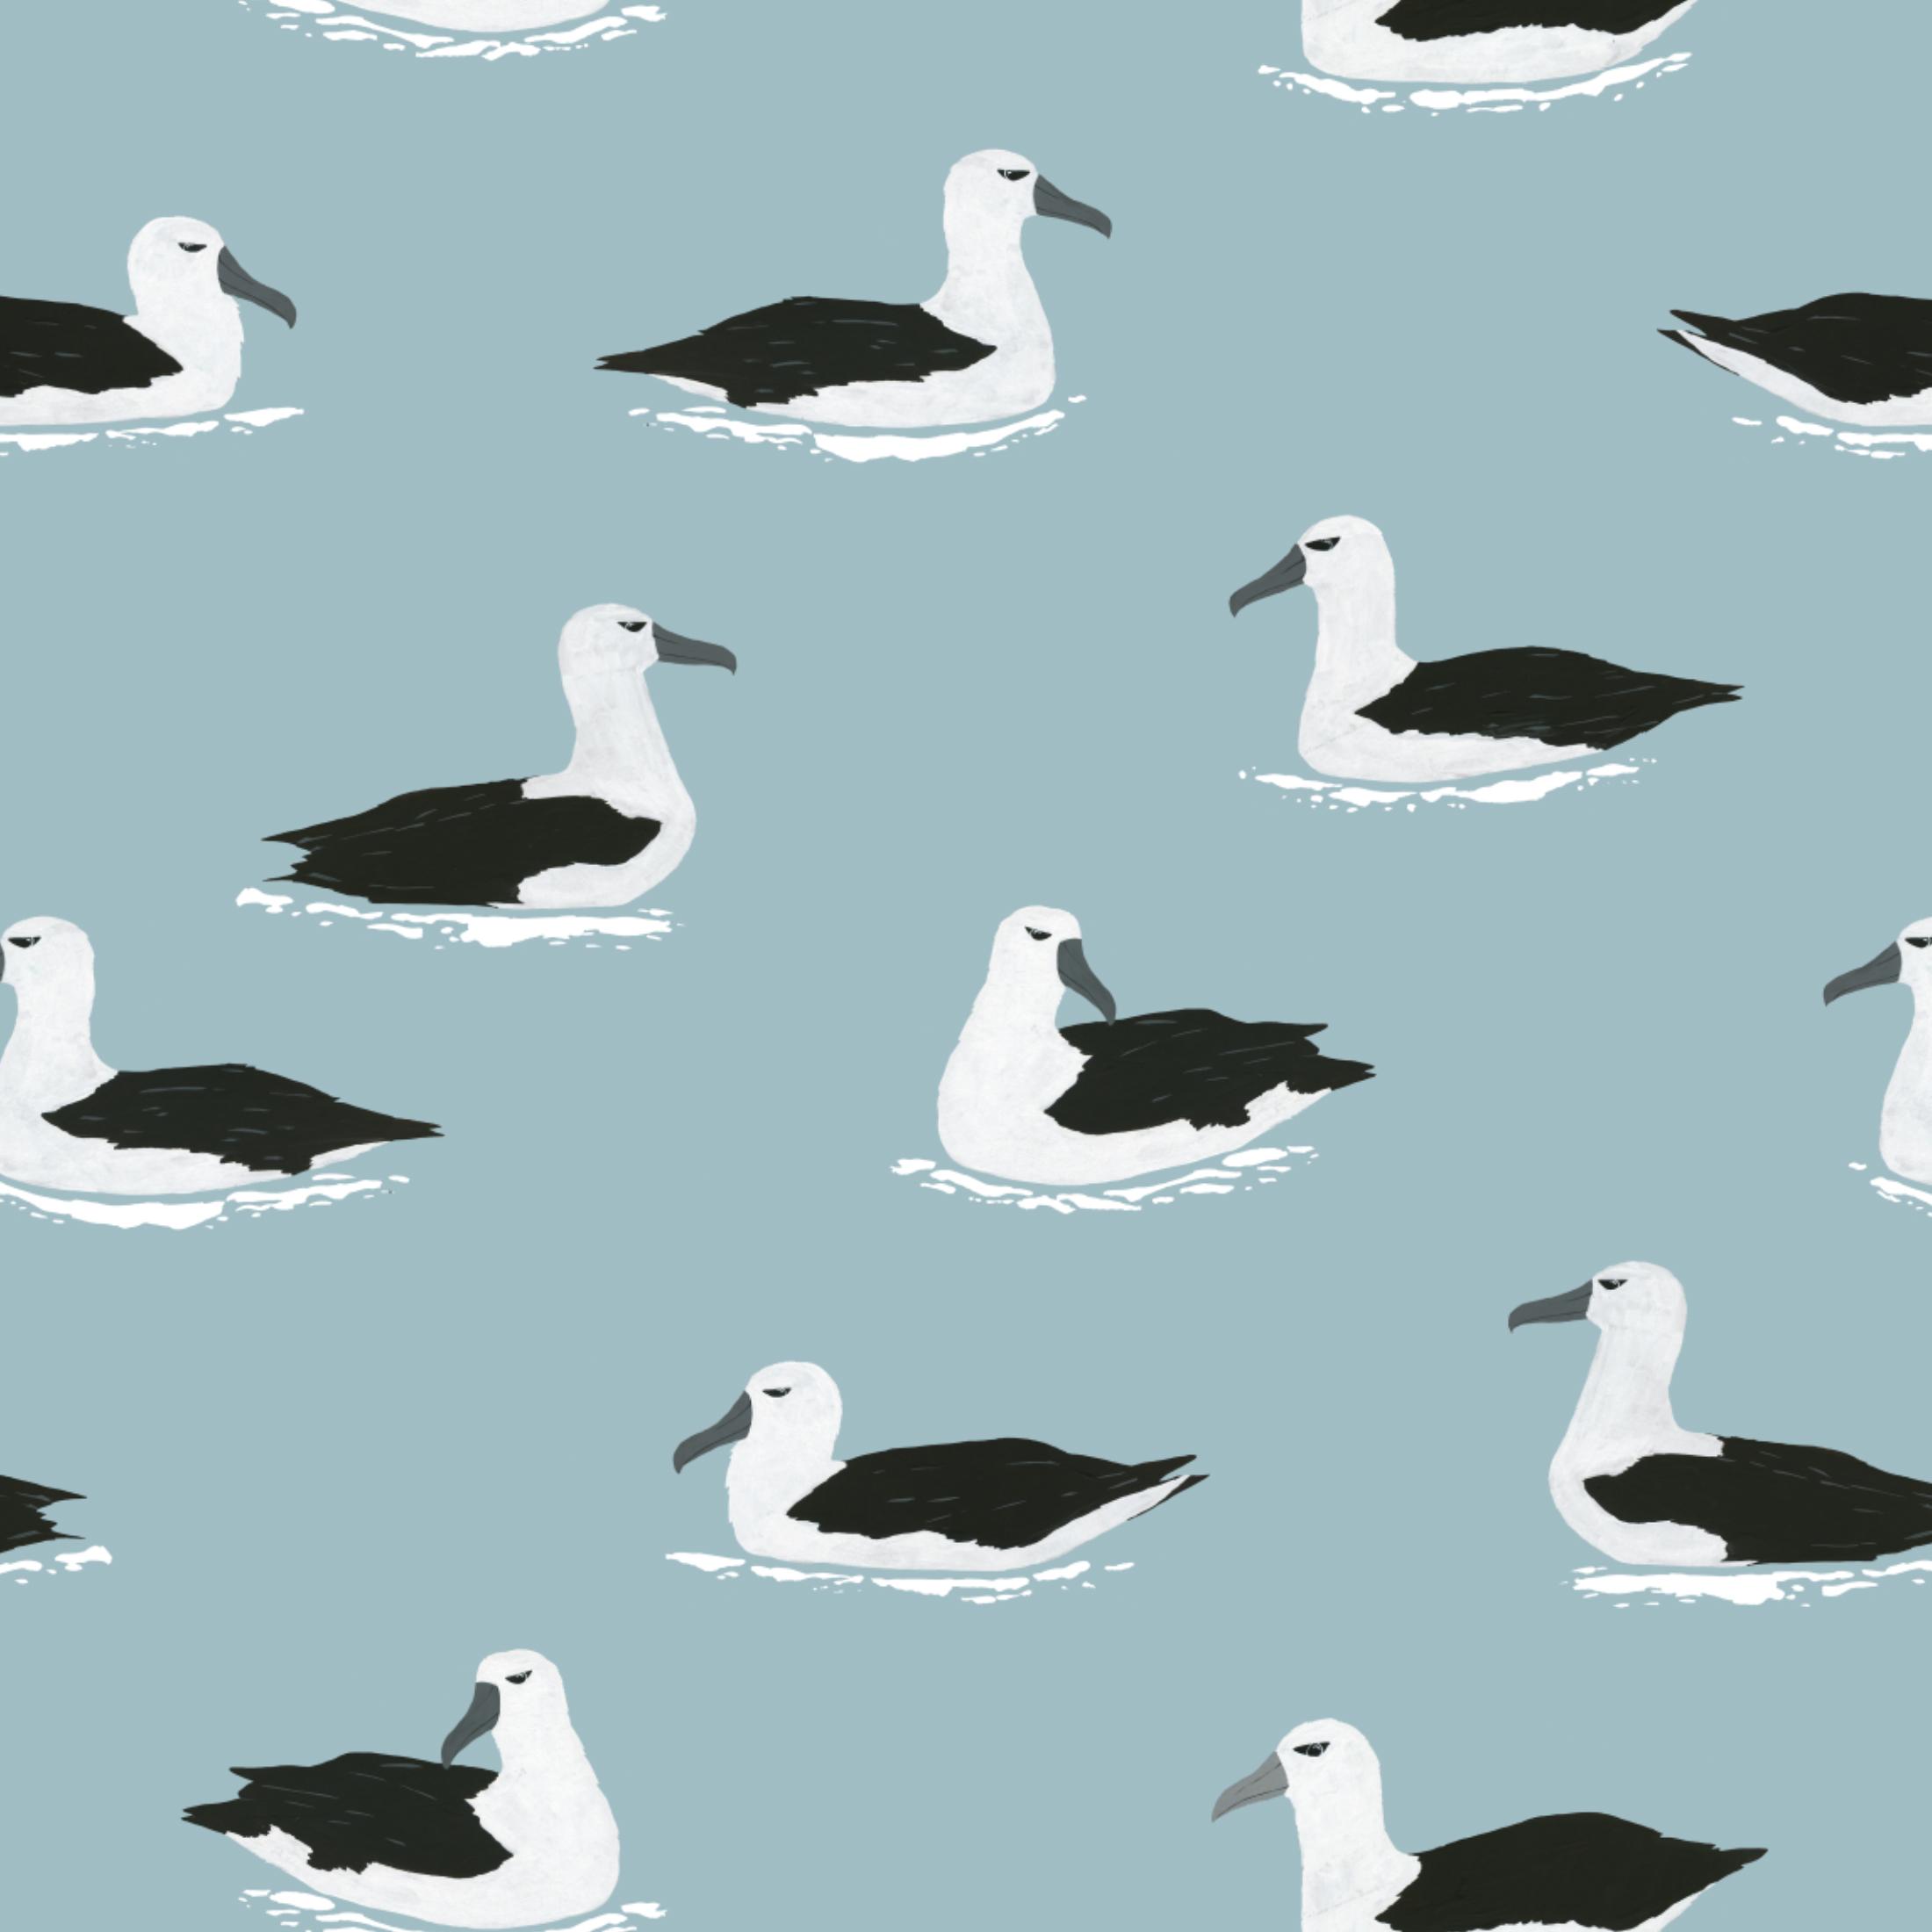 albatross pattern